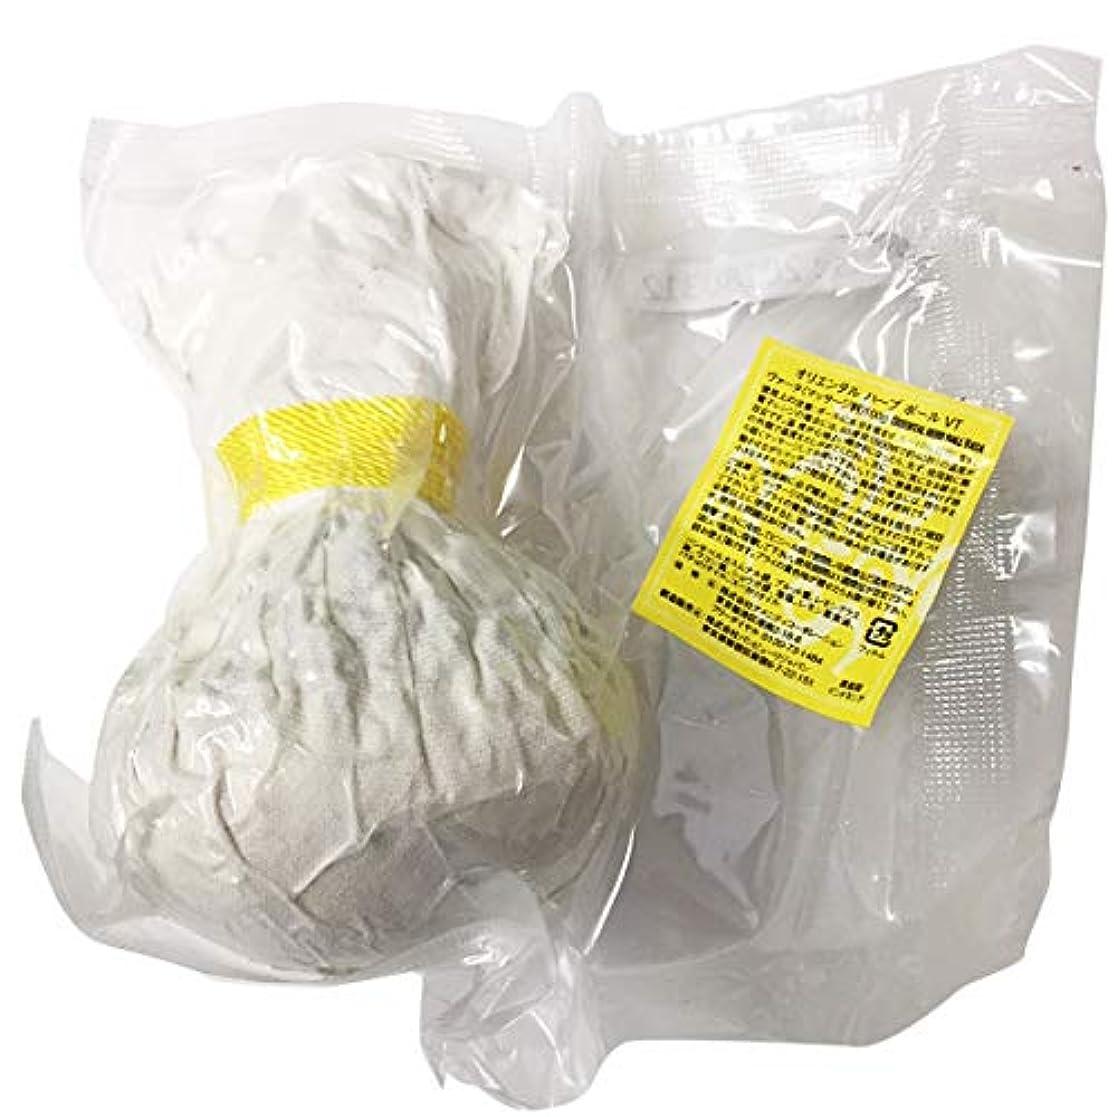 消費する適応する前売オリエンタル ハーブボール 100g ヴァータ ピッタ カパ/VATA?PITTA?KAPAの3種類 インドネシア産 (Vata ヴァータ)